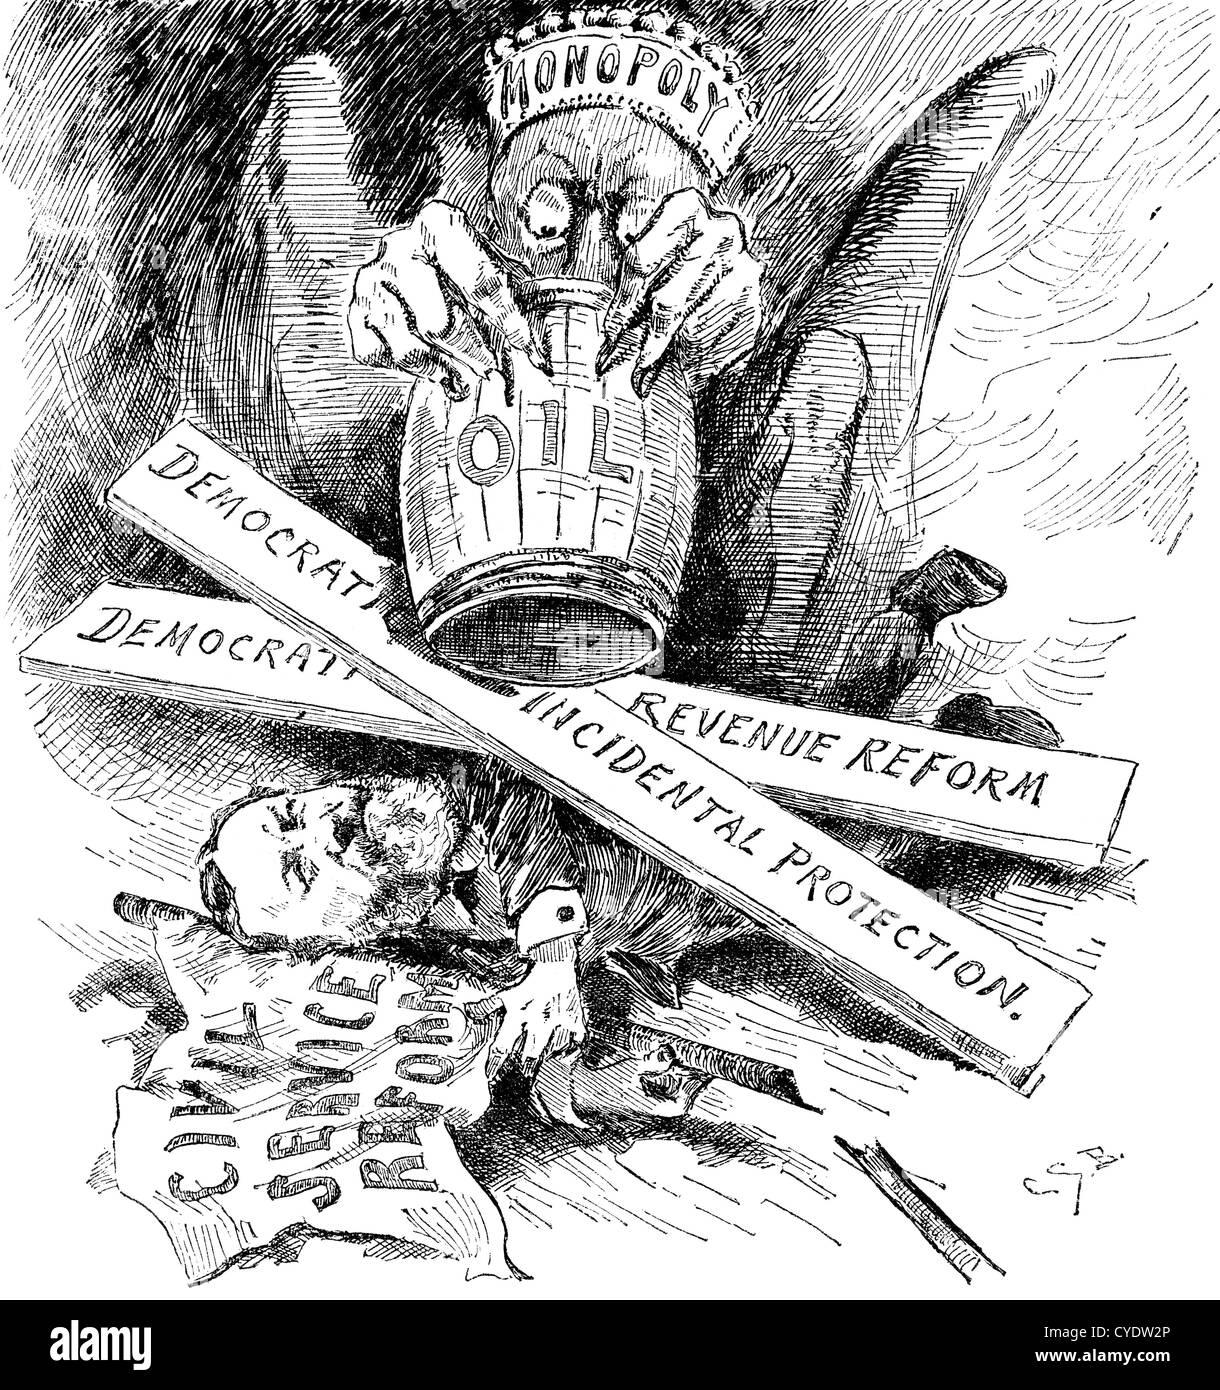 Standard Oil monopolio dragon aplastando la reforma del servicio civil, cartoon, de 1880. Xilografía Imagen De Stock